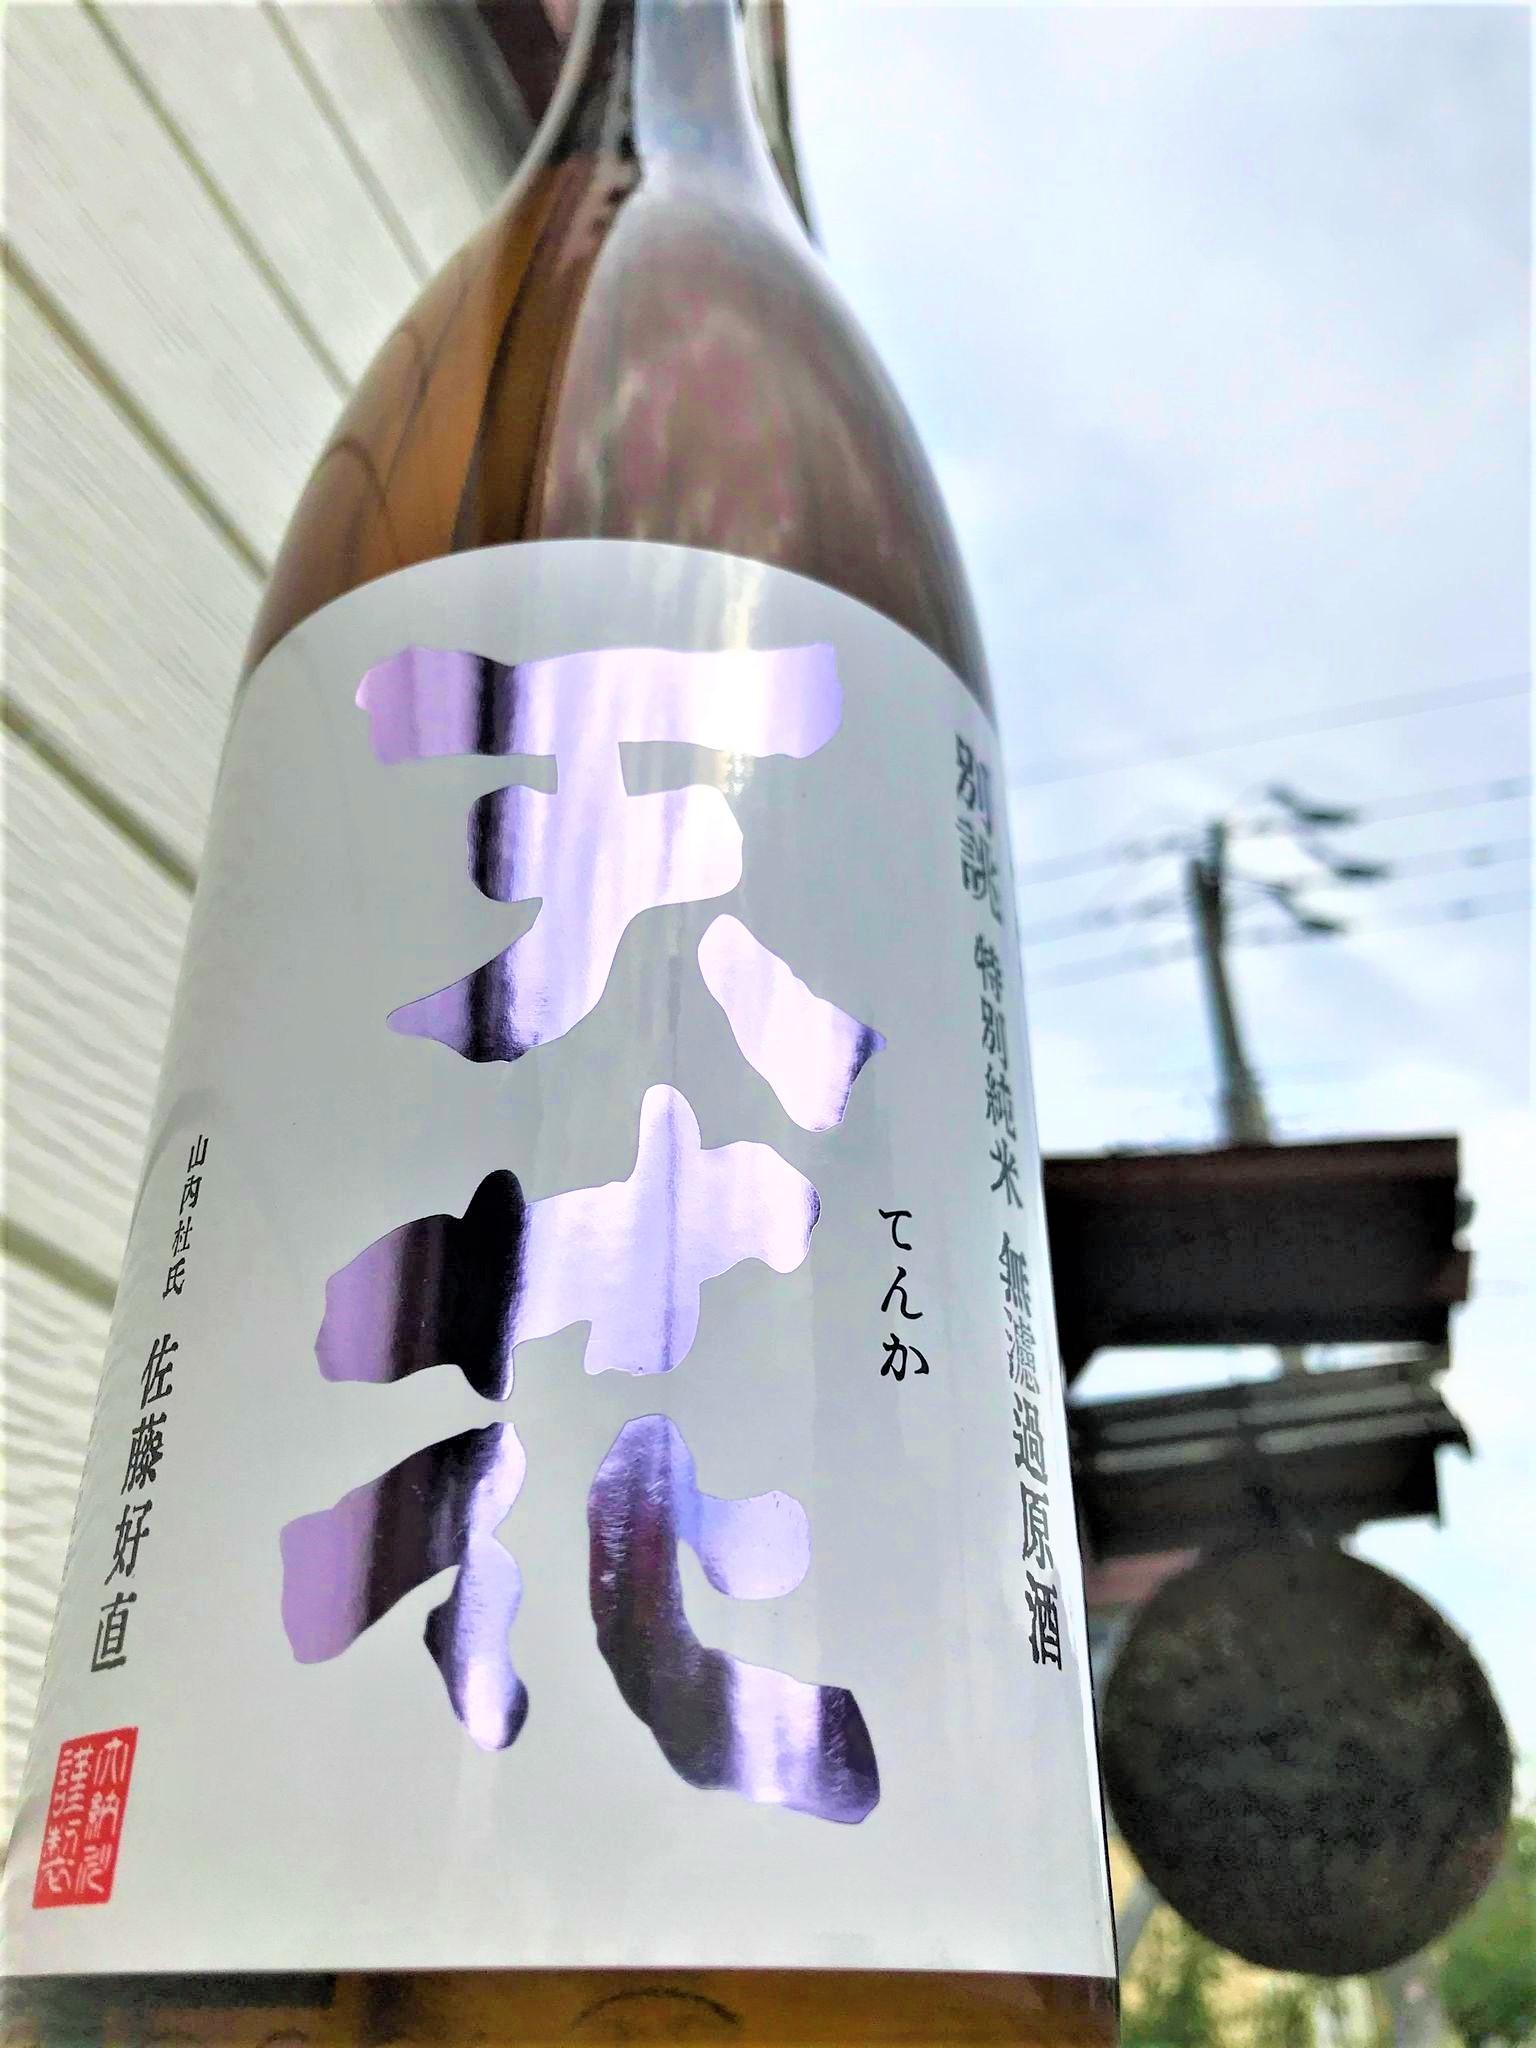 【日本酒】天花 🌼『別誂』特別純米 無濾過原酒 めんこいな🌾仕込み✨蔵元低温貯蔵熟成🐧SPver 特別限定蔵出し 令和1BY🆕_e0173738_10201706.jpg